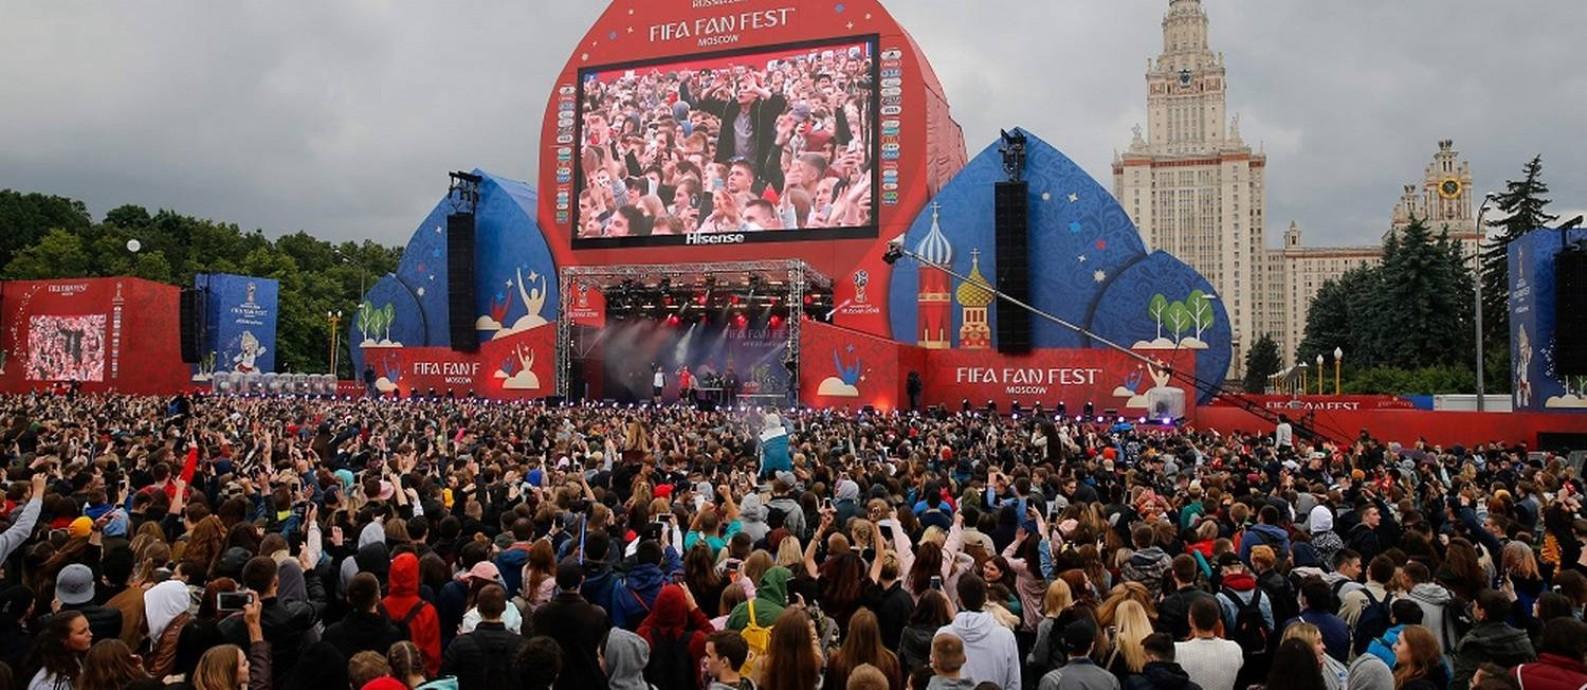 Multidão se reúne na abertura oficial da Fan Fest da Fifa em Moscou, perto do prédio principal da Lomonosov Moscow State University (MSU) Foto: MAXIM ZMEYEV / AFP/10-6-2018